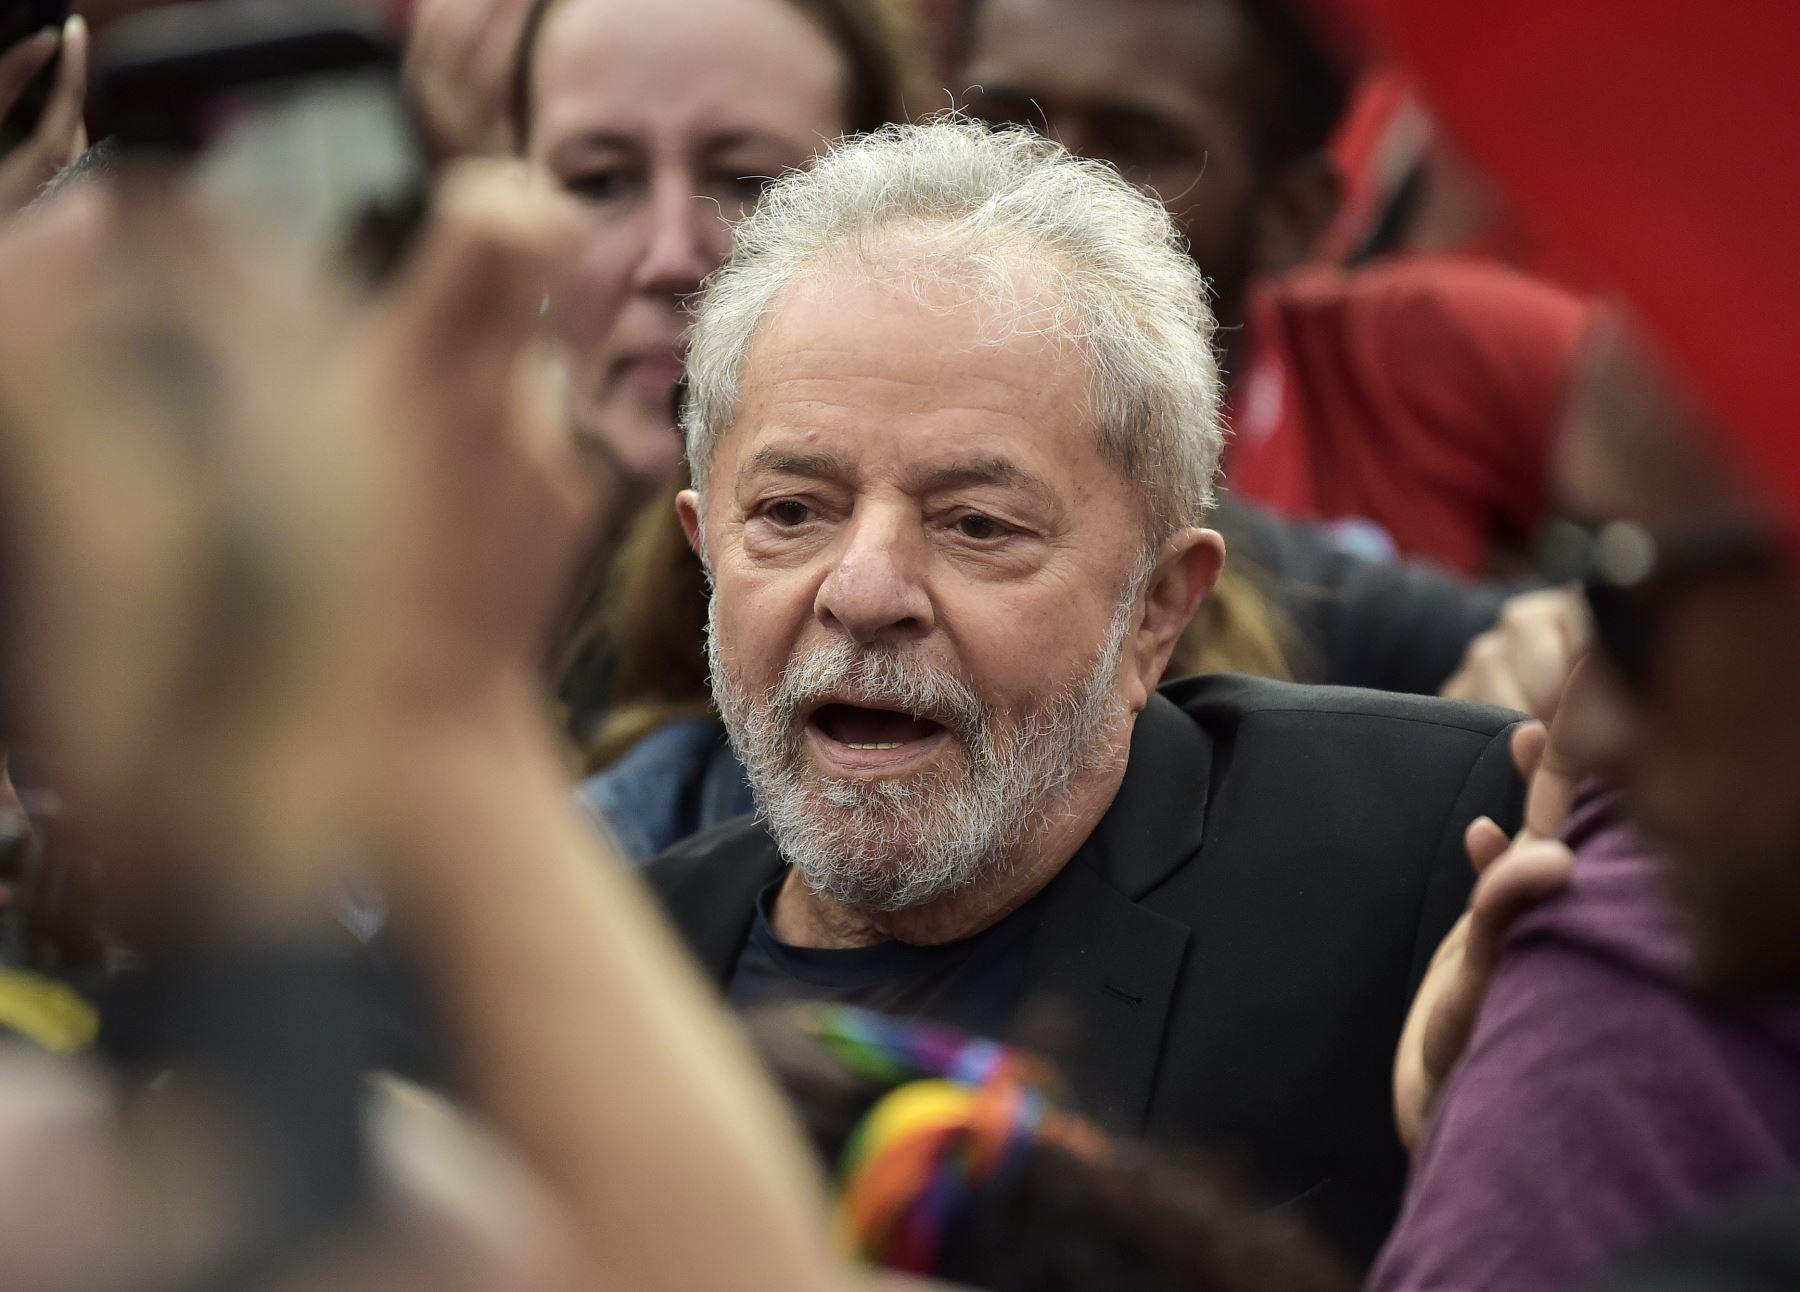 El expresidente brasileño, Luiz Inácio Lula da Silva, sale de la sede de la Policía Federal, donde cumplía condena por 1 año y siete meses de prisión por caso de corrupción. Foto: EFE